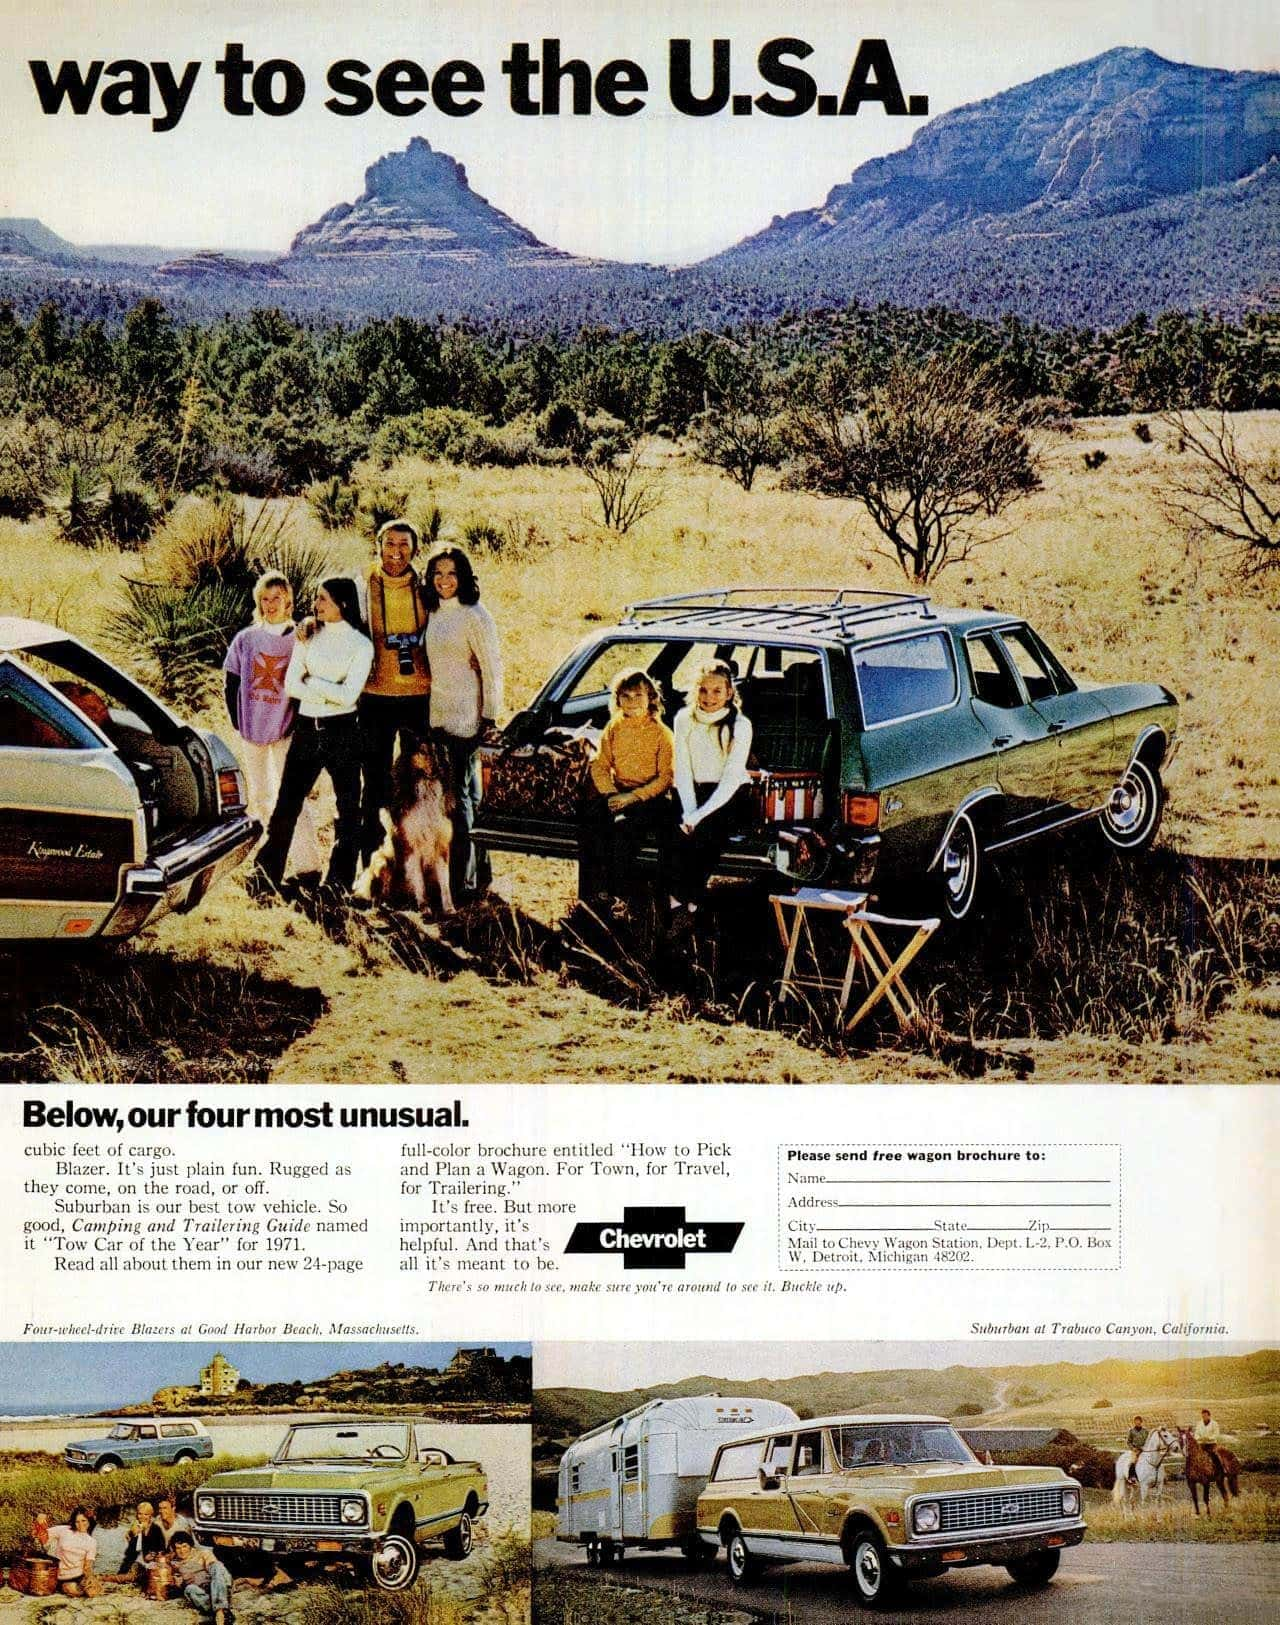 '72 Chevrolet station wagons